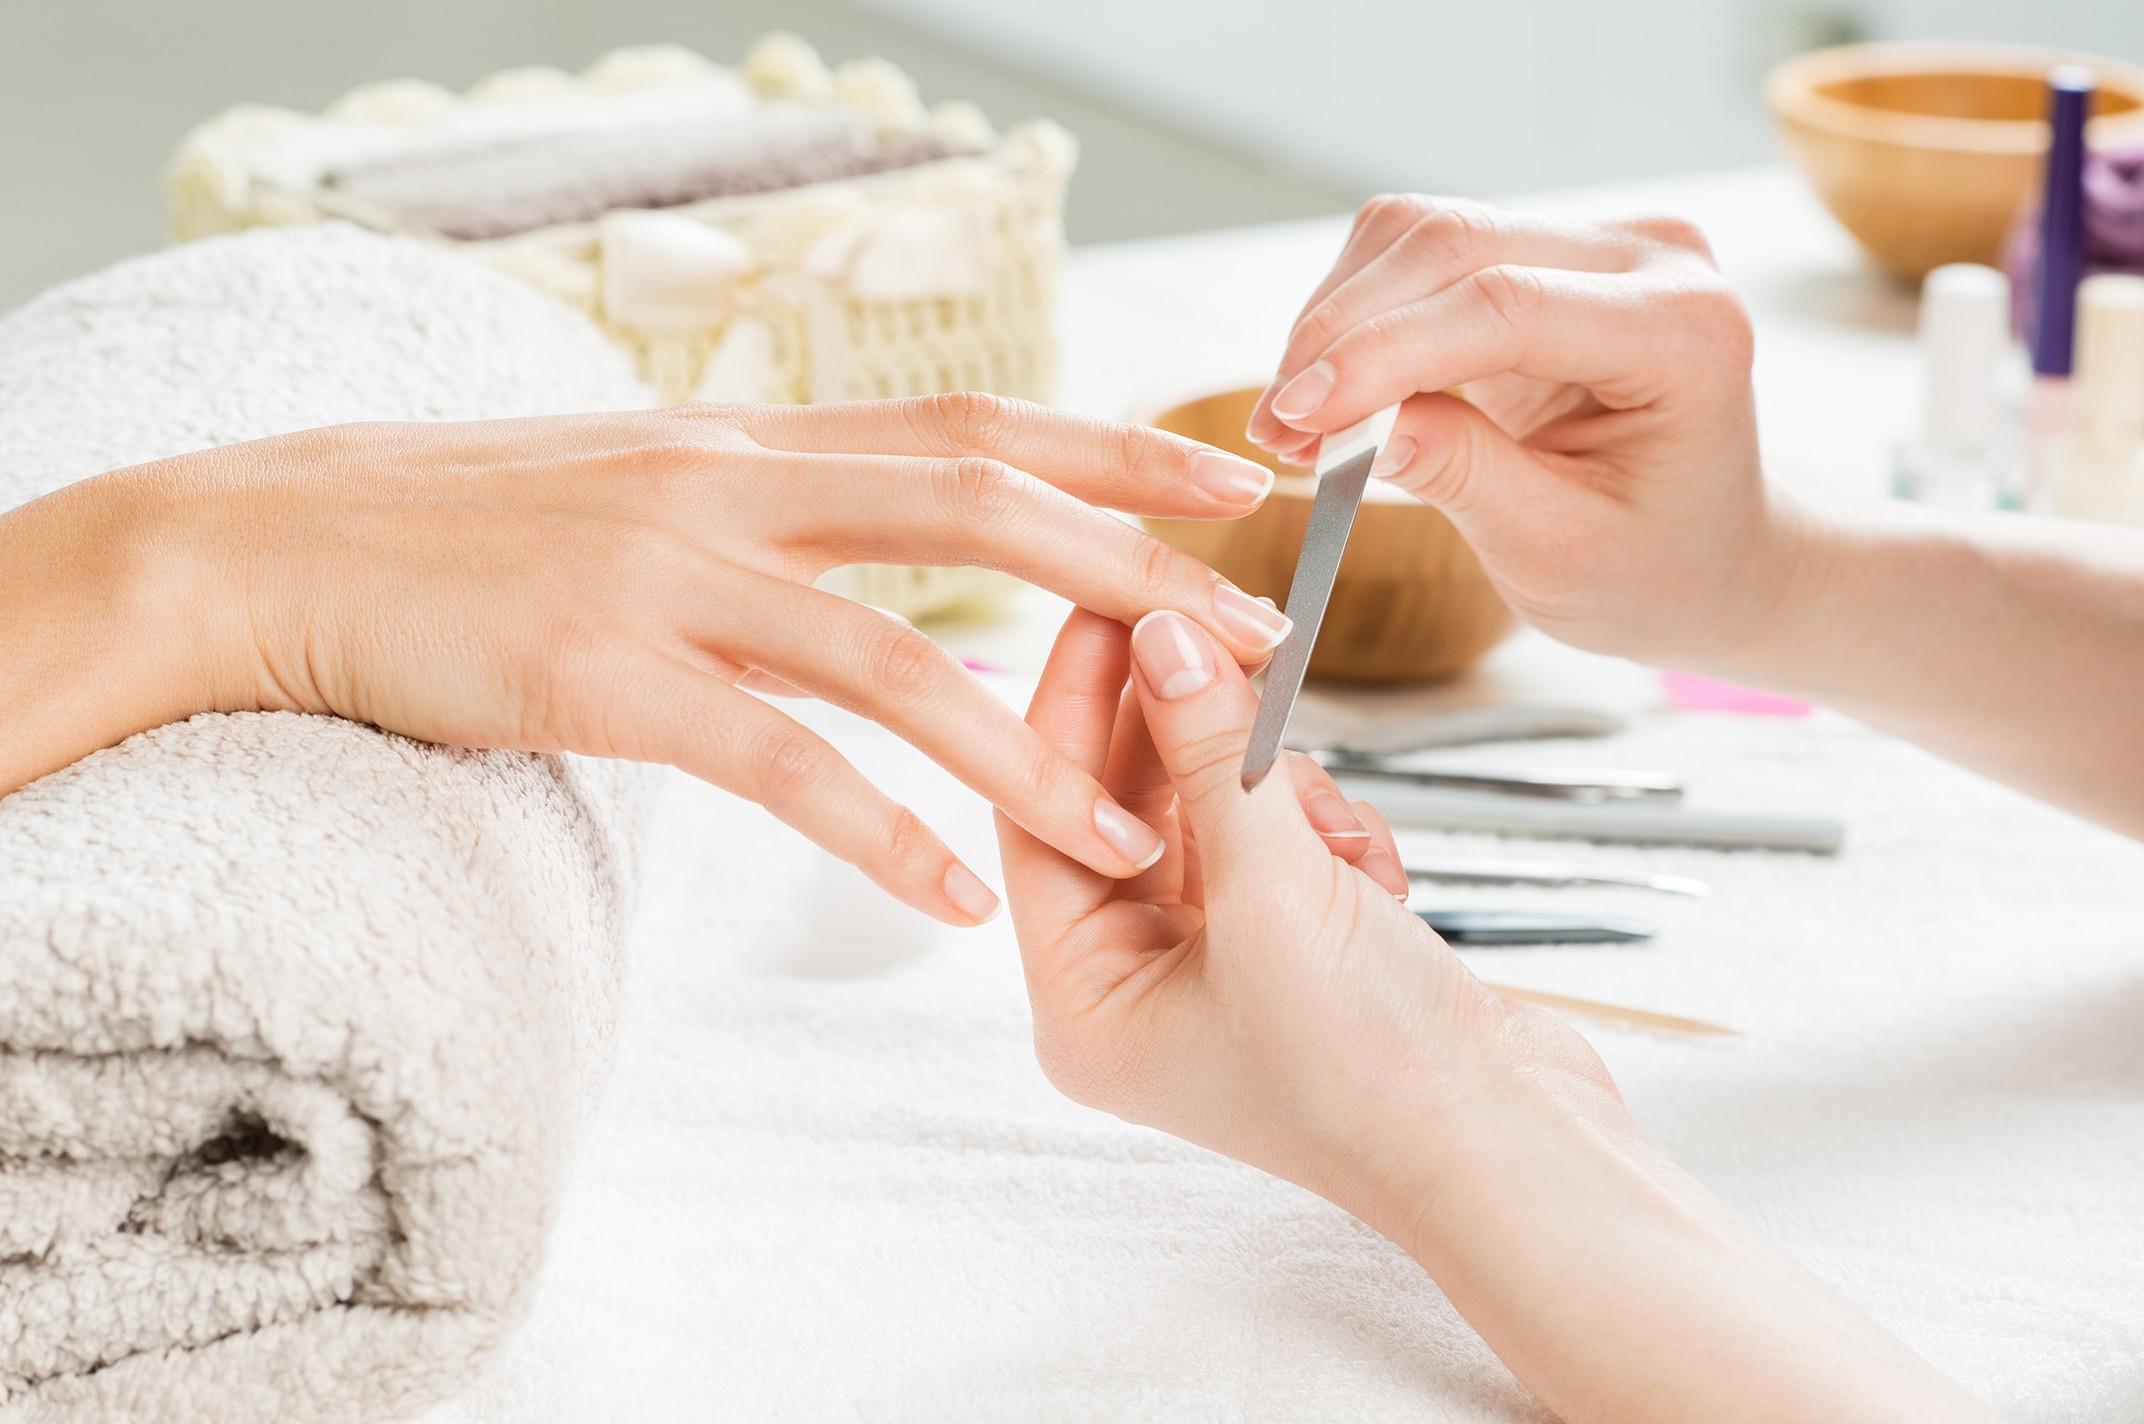 Gelul, acrylul sau manichiura semipermanentă ne distrug unghiile? 3